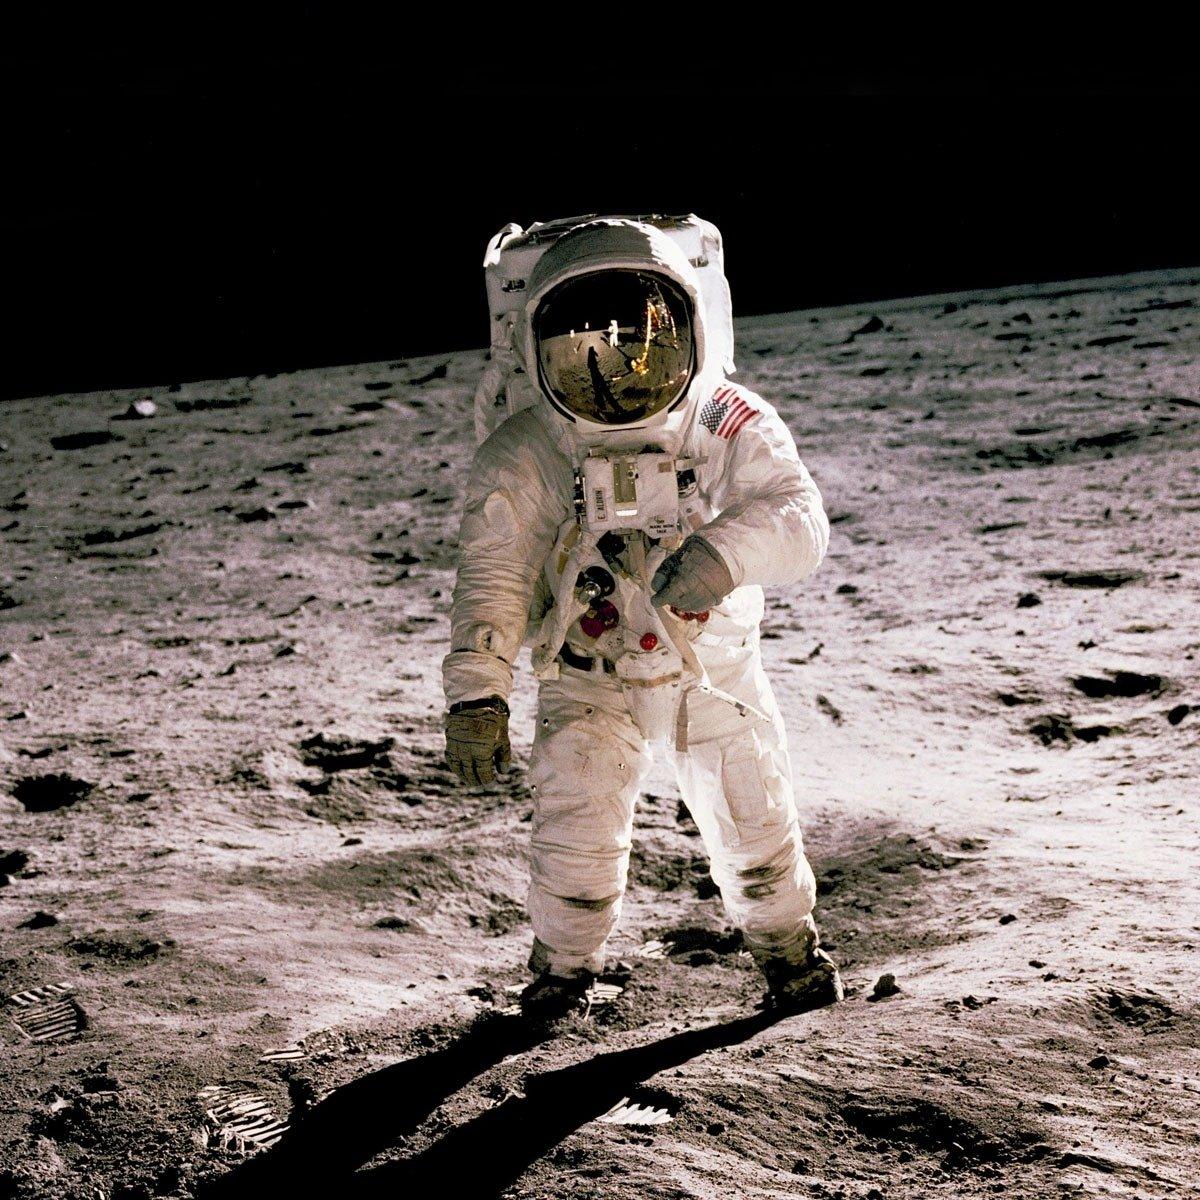 NASA Astronaut